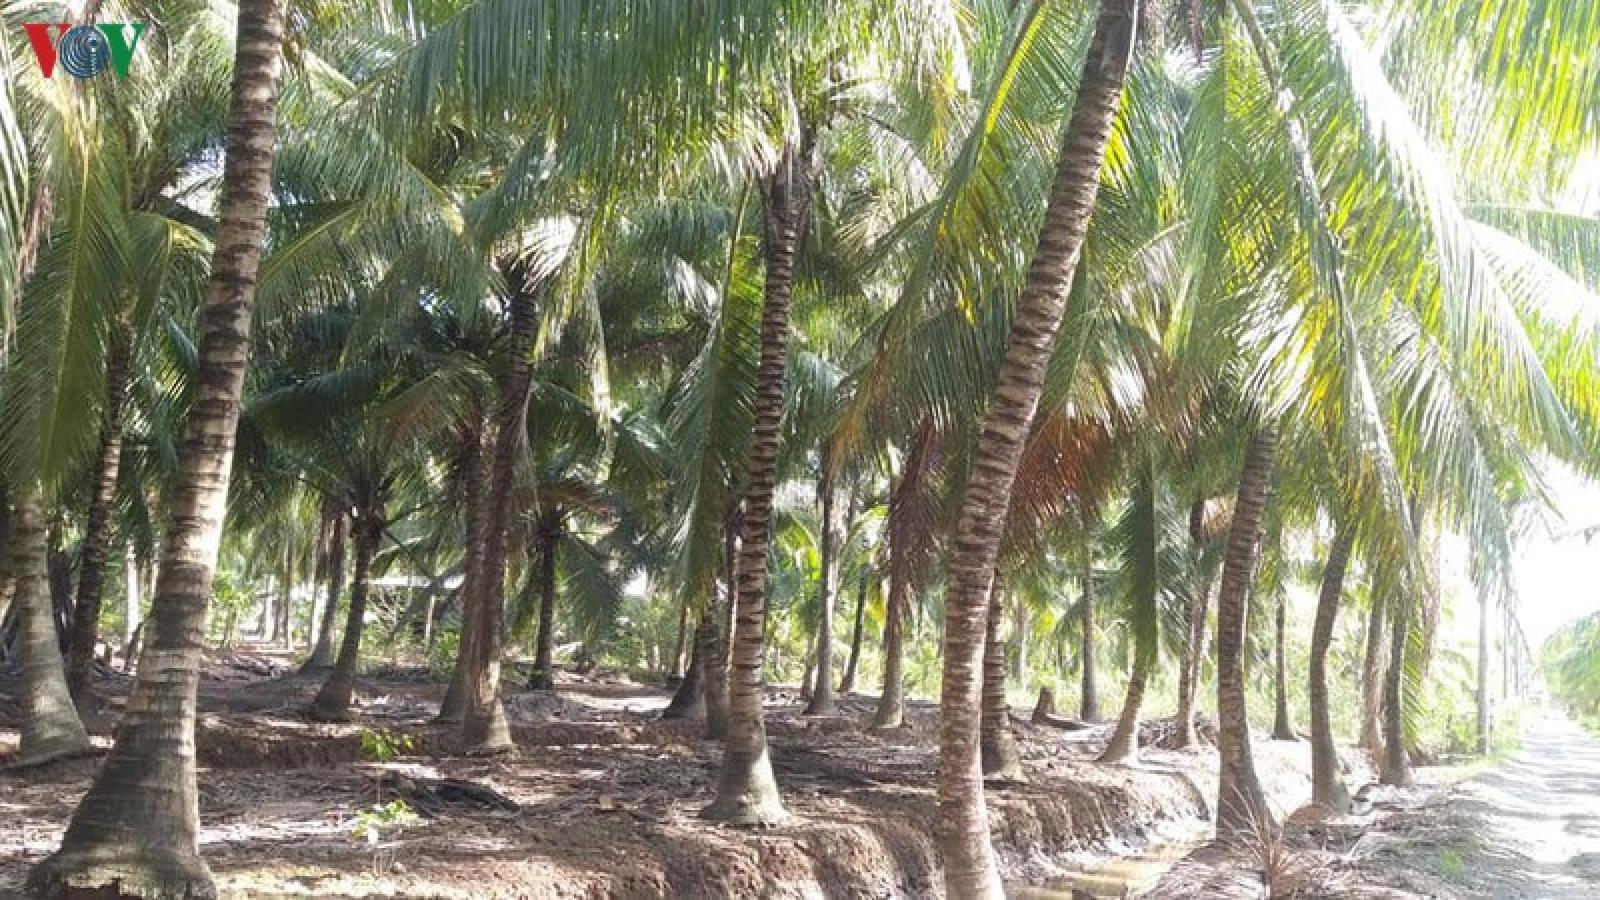 Sau hạn mặn cây dừa giảm năng suất, nhà vườn Bến Tre thất thu